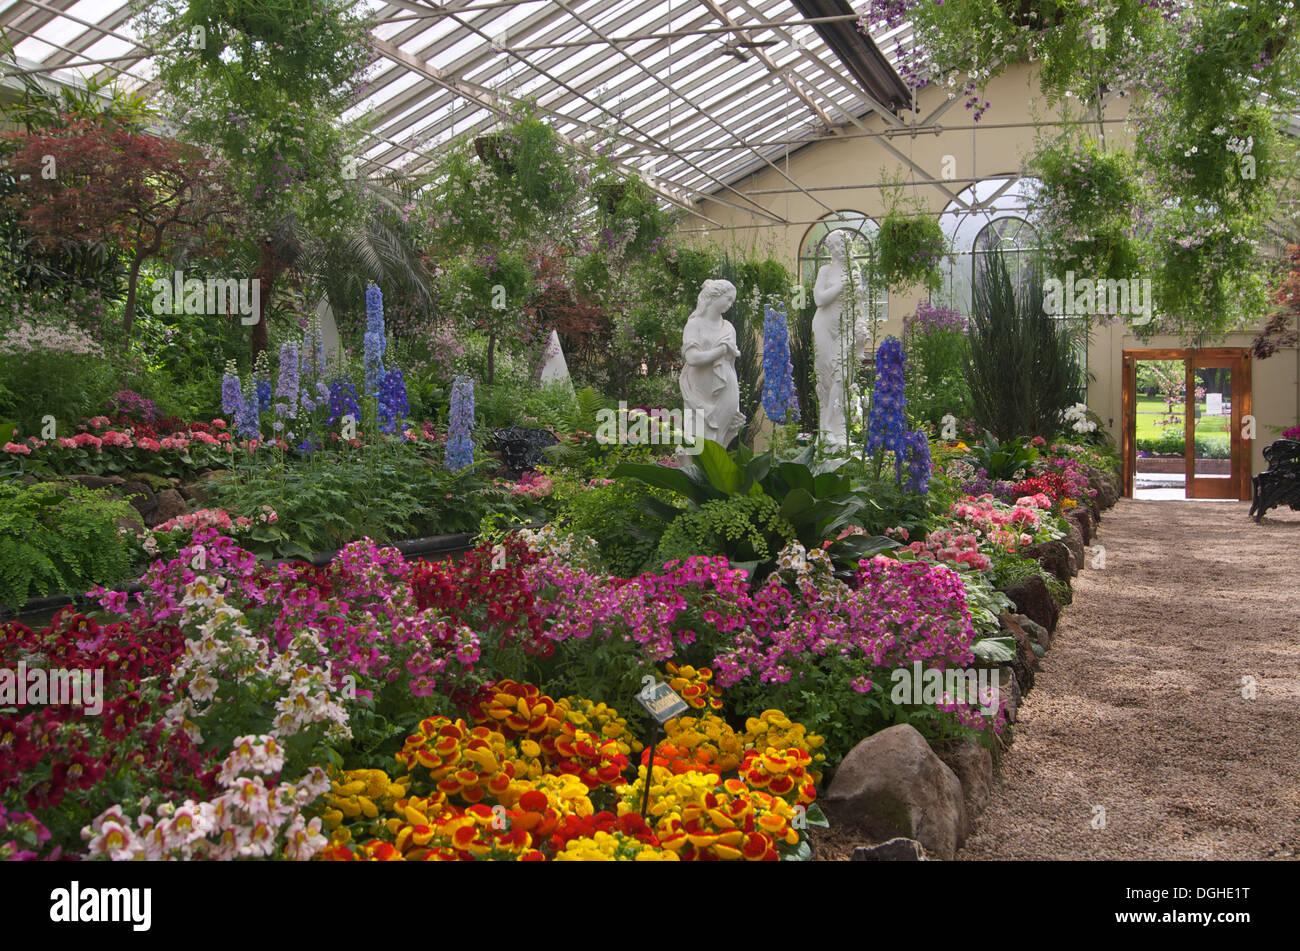 Melbourne botanic gardens stock photo image 64781570 for Landscape contractors melbourne